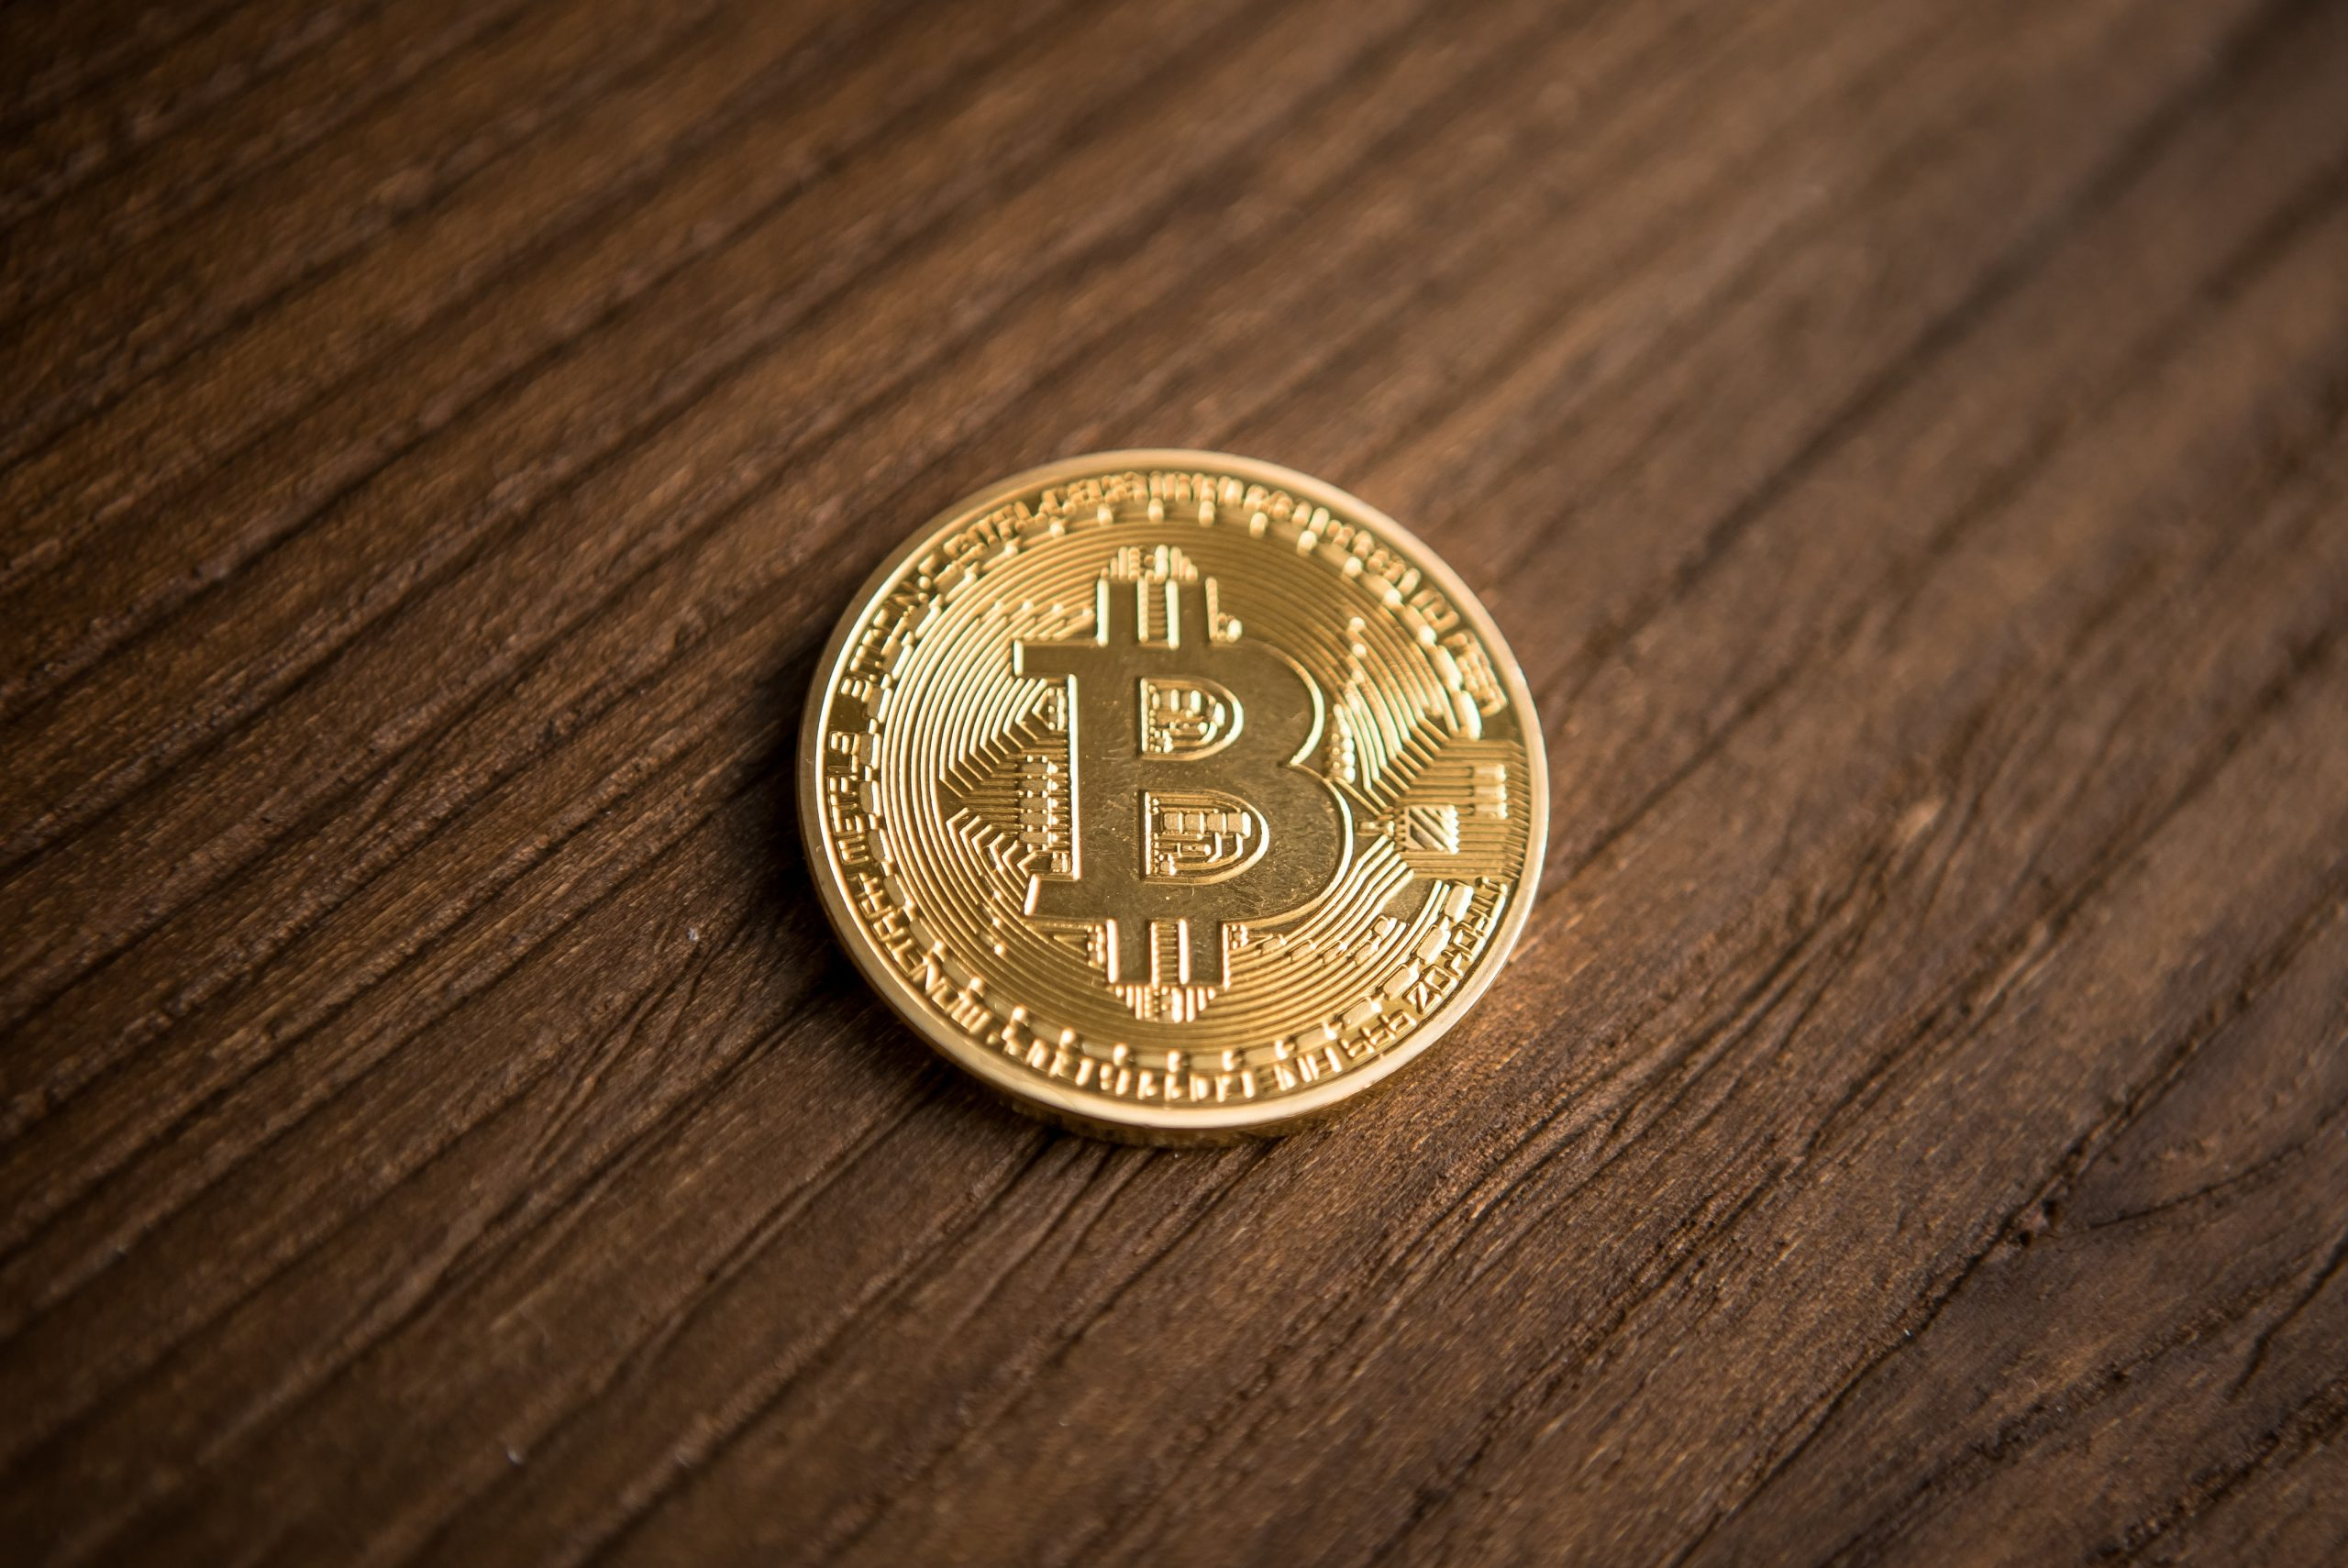 Bitcoin Dave Portnoy